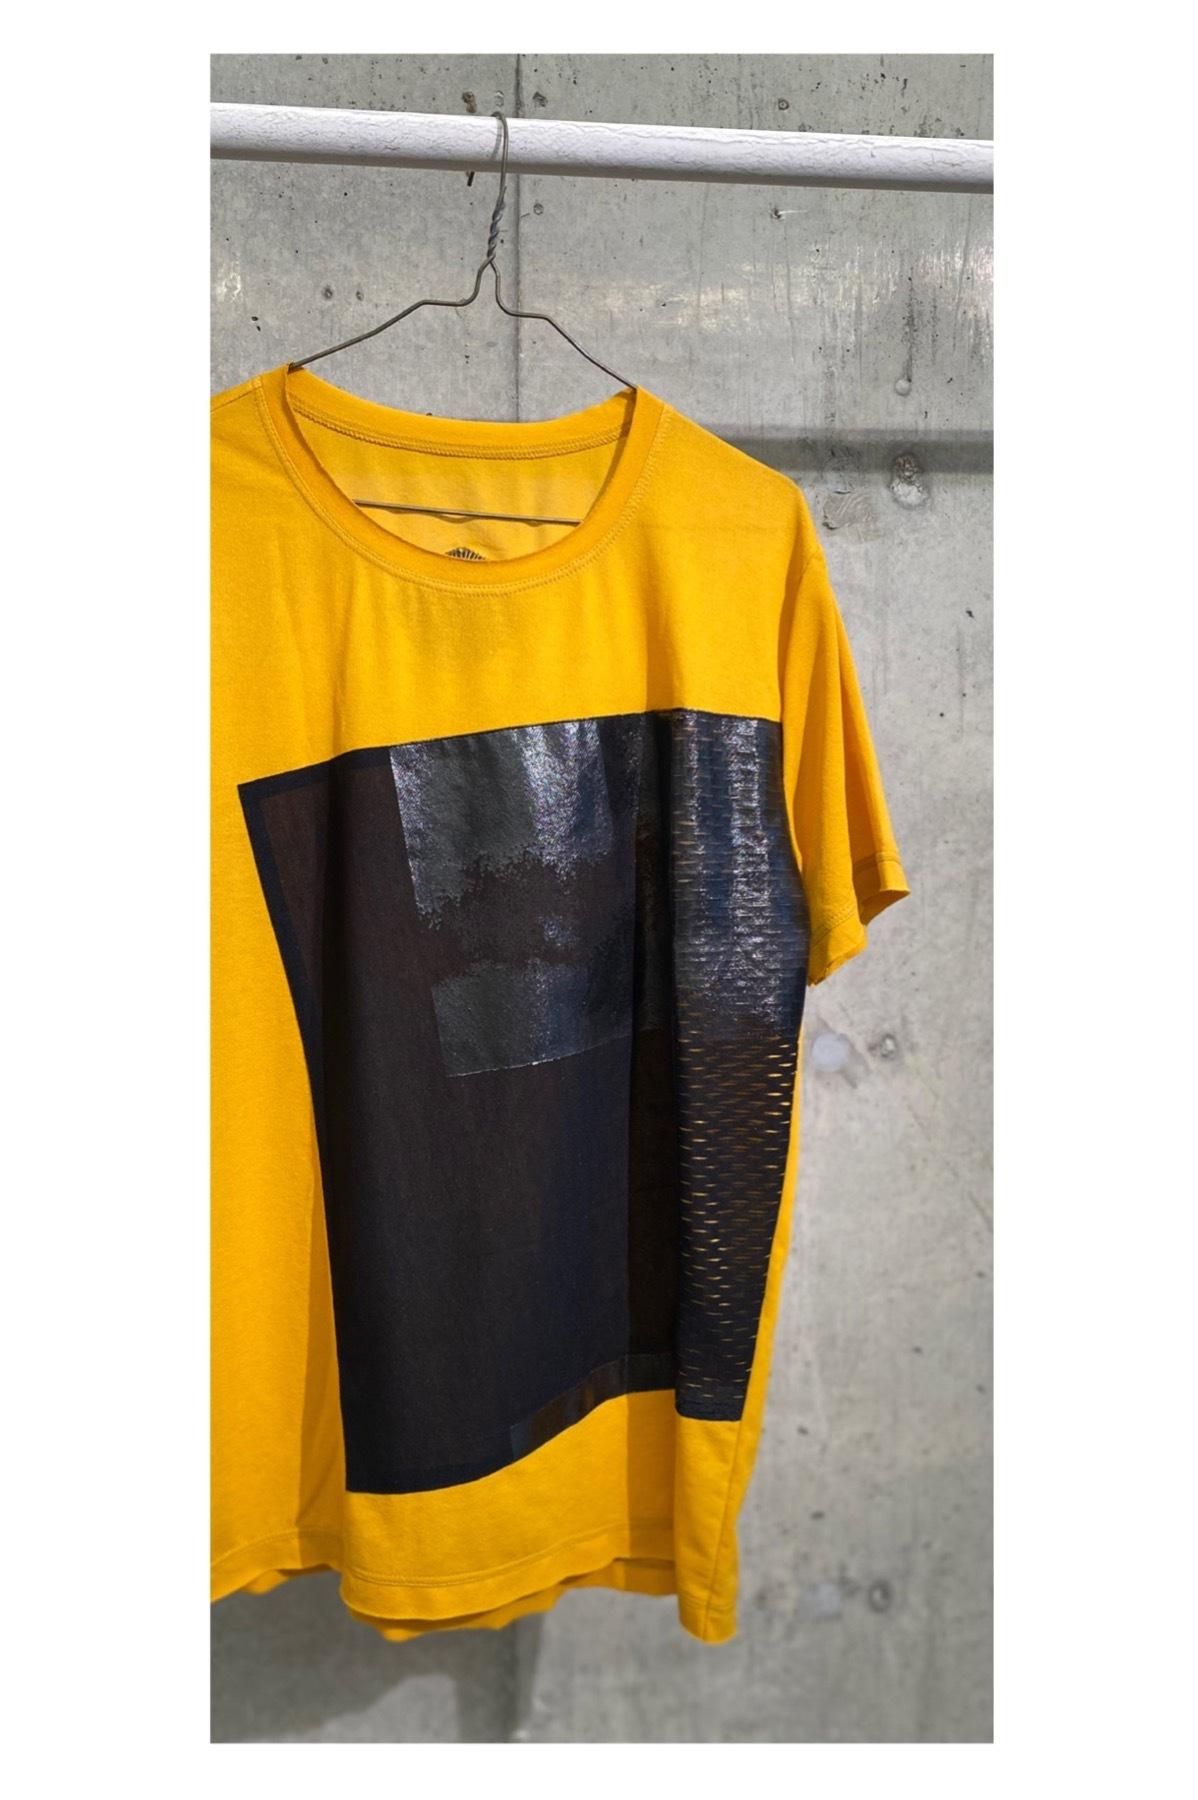 [予約販売] 着るアート Tshirt [KABUKU]yellow MICHAIL GKINIS AOYAMA[送料/税込]